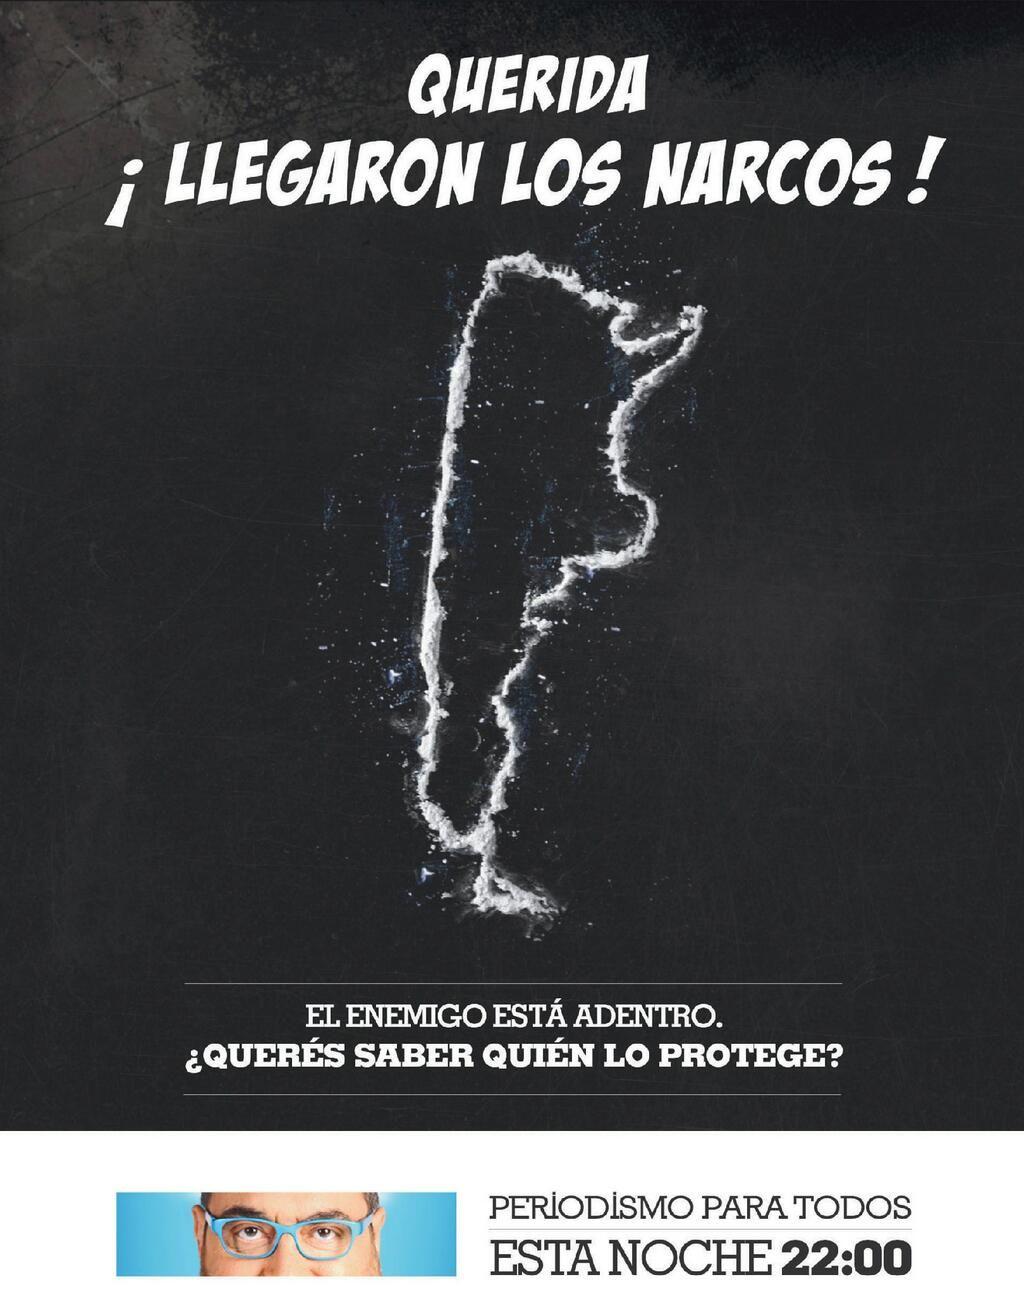 LOS TENEMOS AQUI DESDE HACE MUCHO TIEMPO Y NO LO QUEREMOS ACEPTAR.